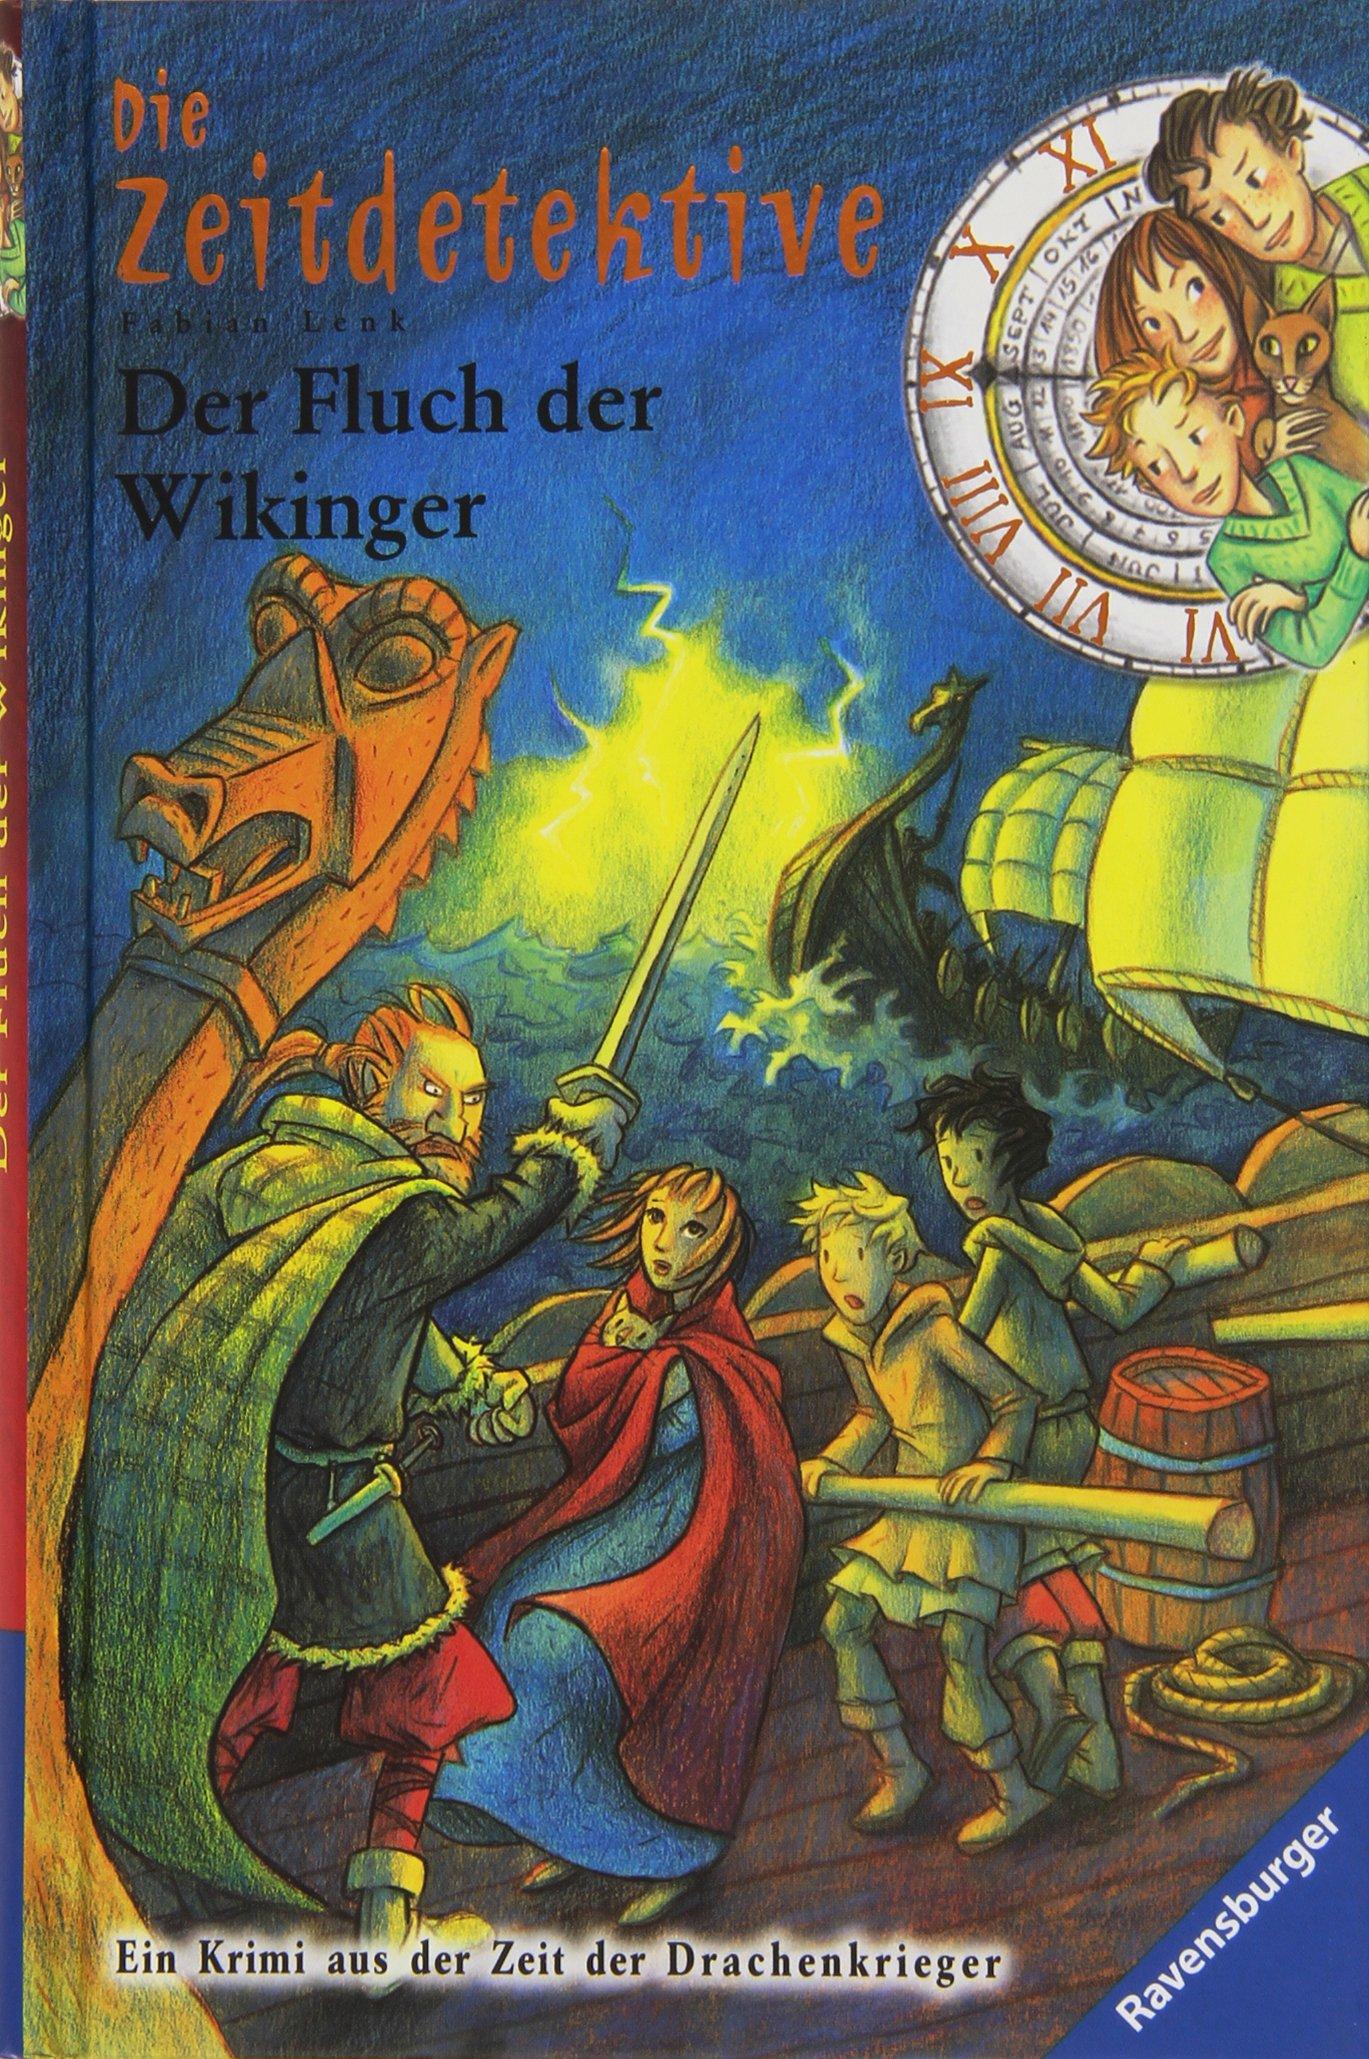 Der Fluch der Wikinger (Die Zeitdetektive, Band 24)